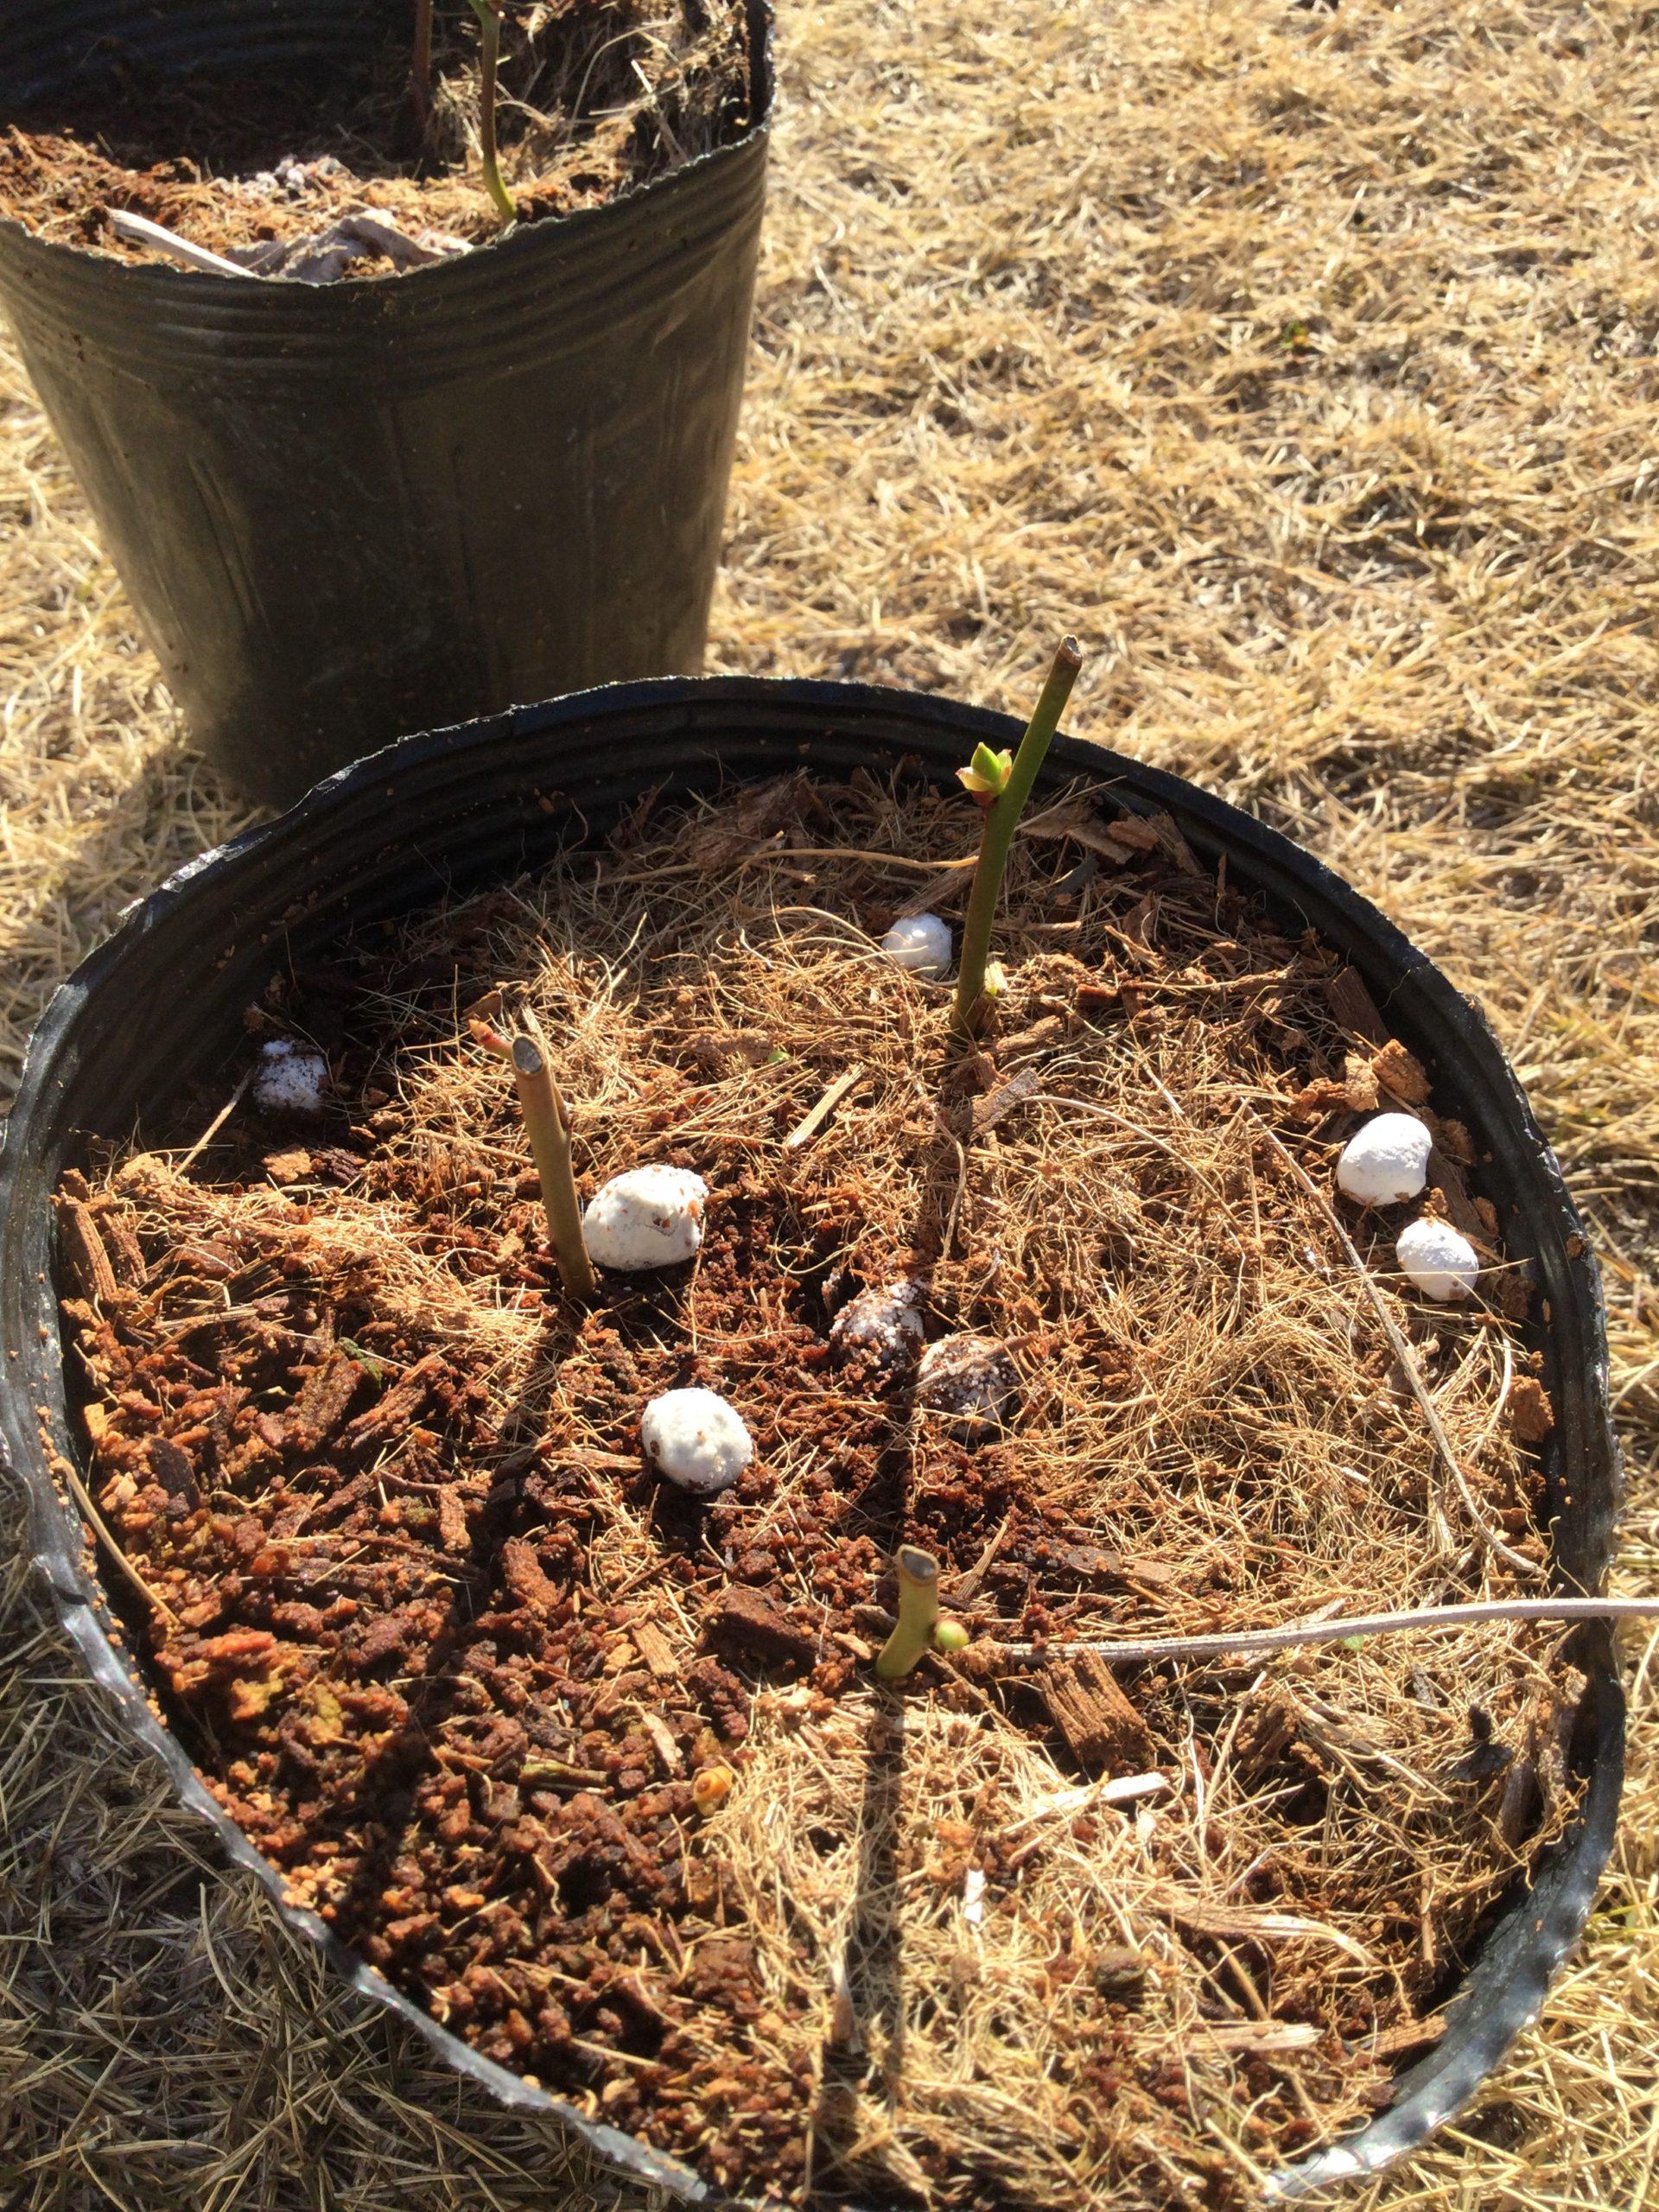 枯れ覚悟で挑む!ブルーベリーの挿し木の鉢を変える!初めての経験!